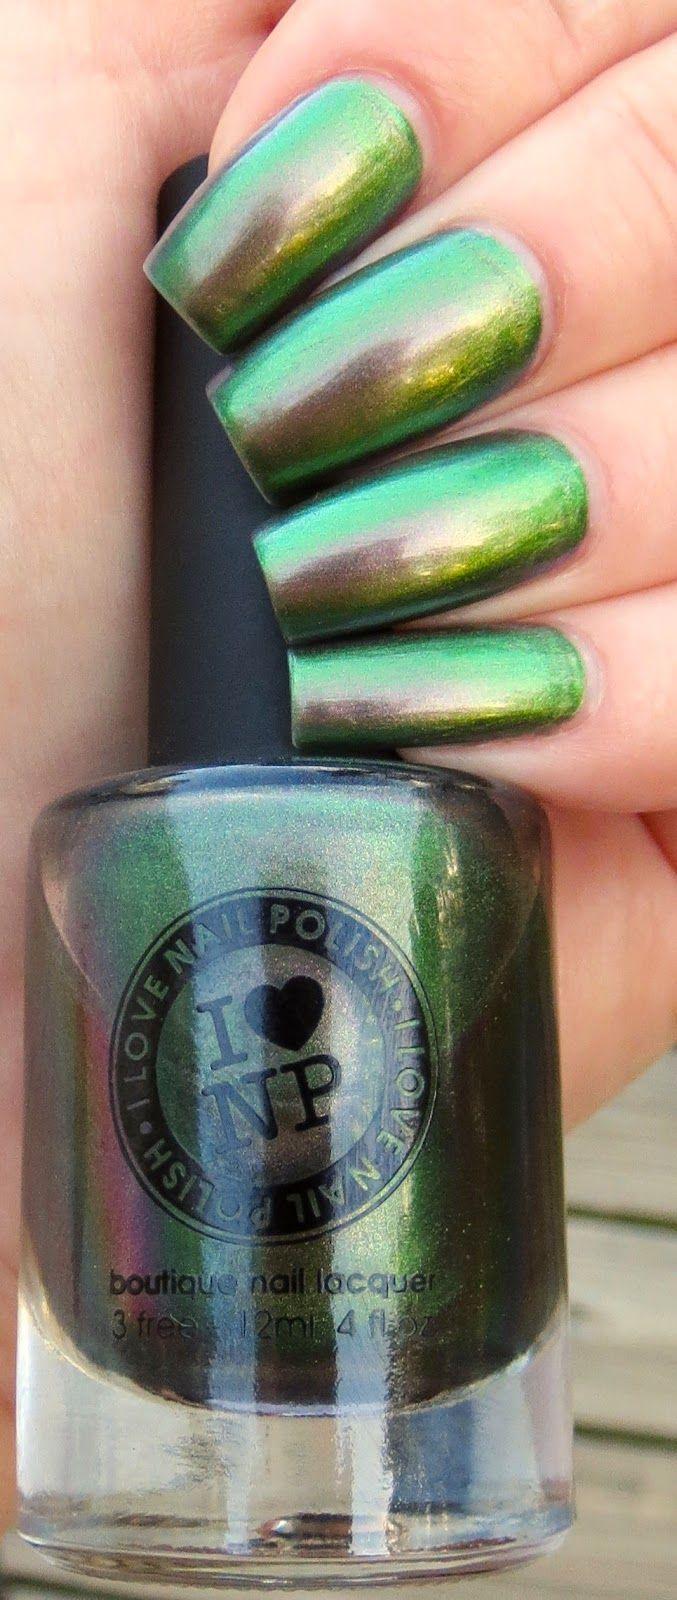 Mutagen Manicure - I Love Nail Polish #ILNP #Mutagen #manicure #nails #nailpolish #metallic #pretty #duochrome #naillacquer #ilovenailpolish